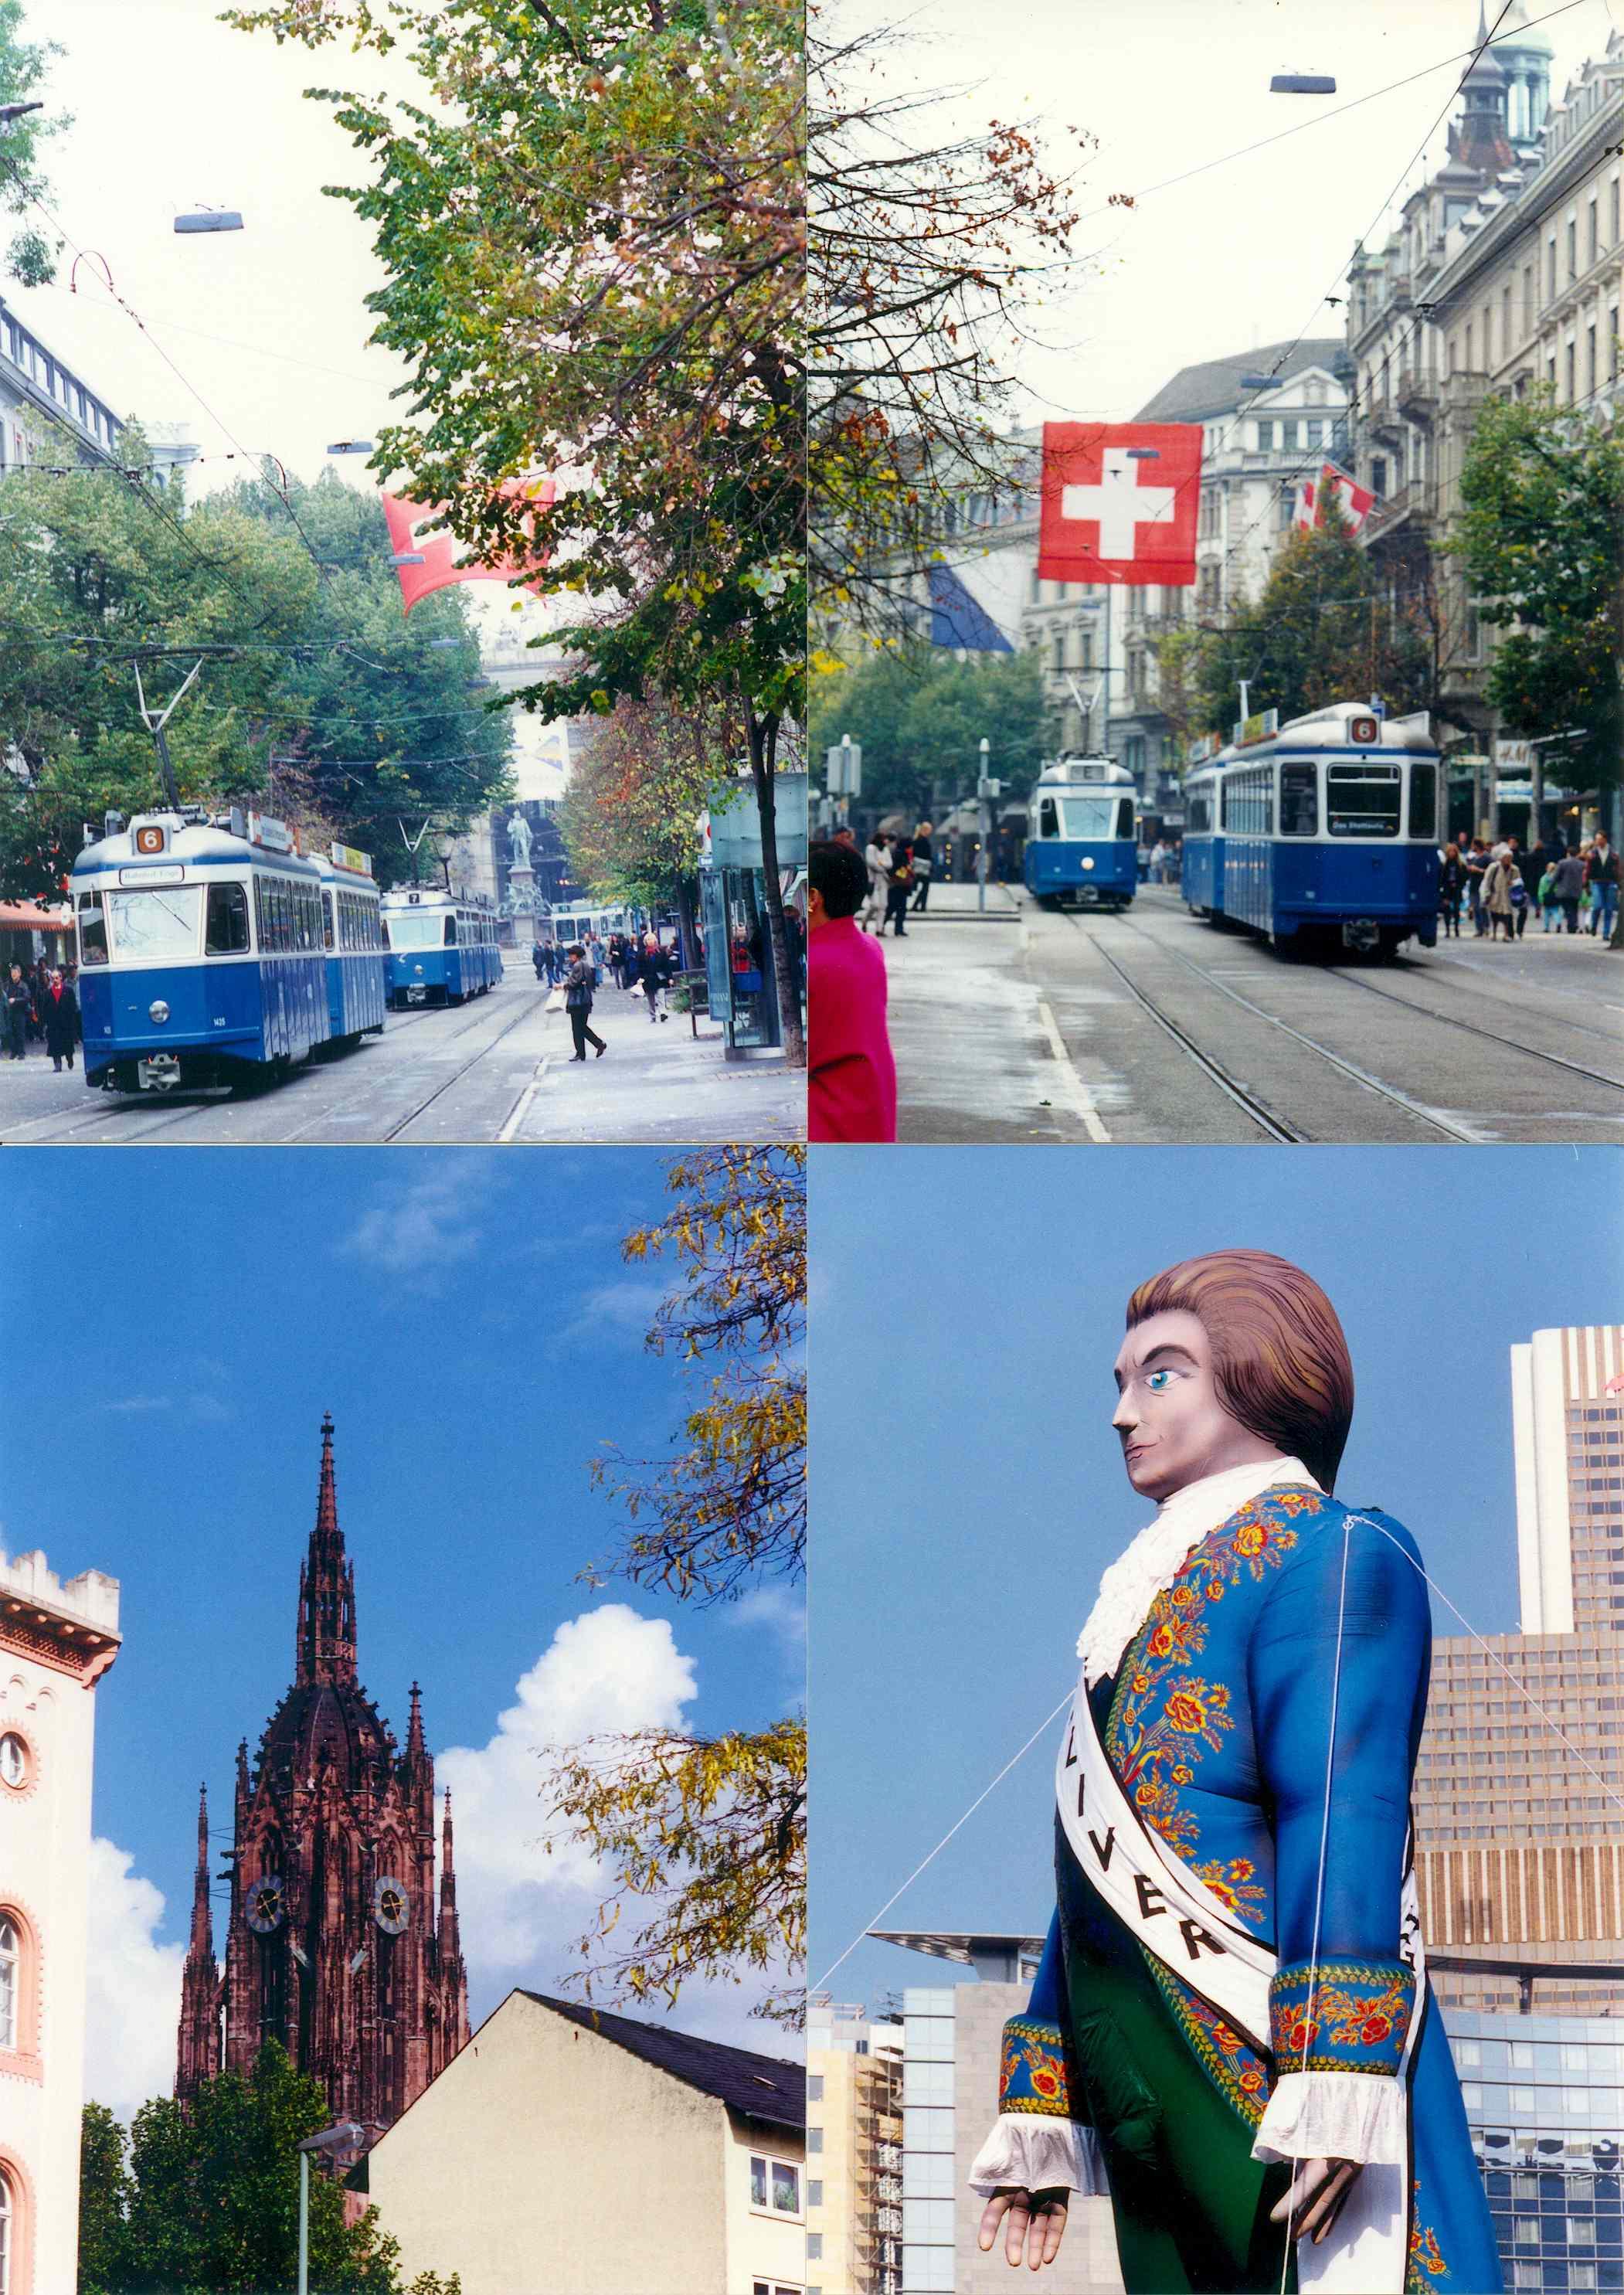 1996년 스위스 쮜리히 & 독일 하이델베르그, 독일 프랑크푸르트